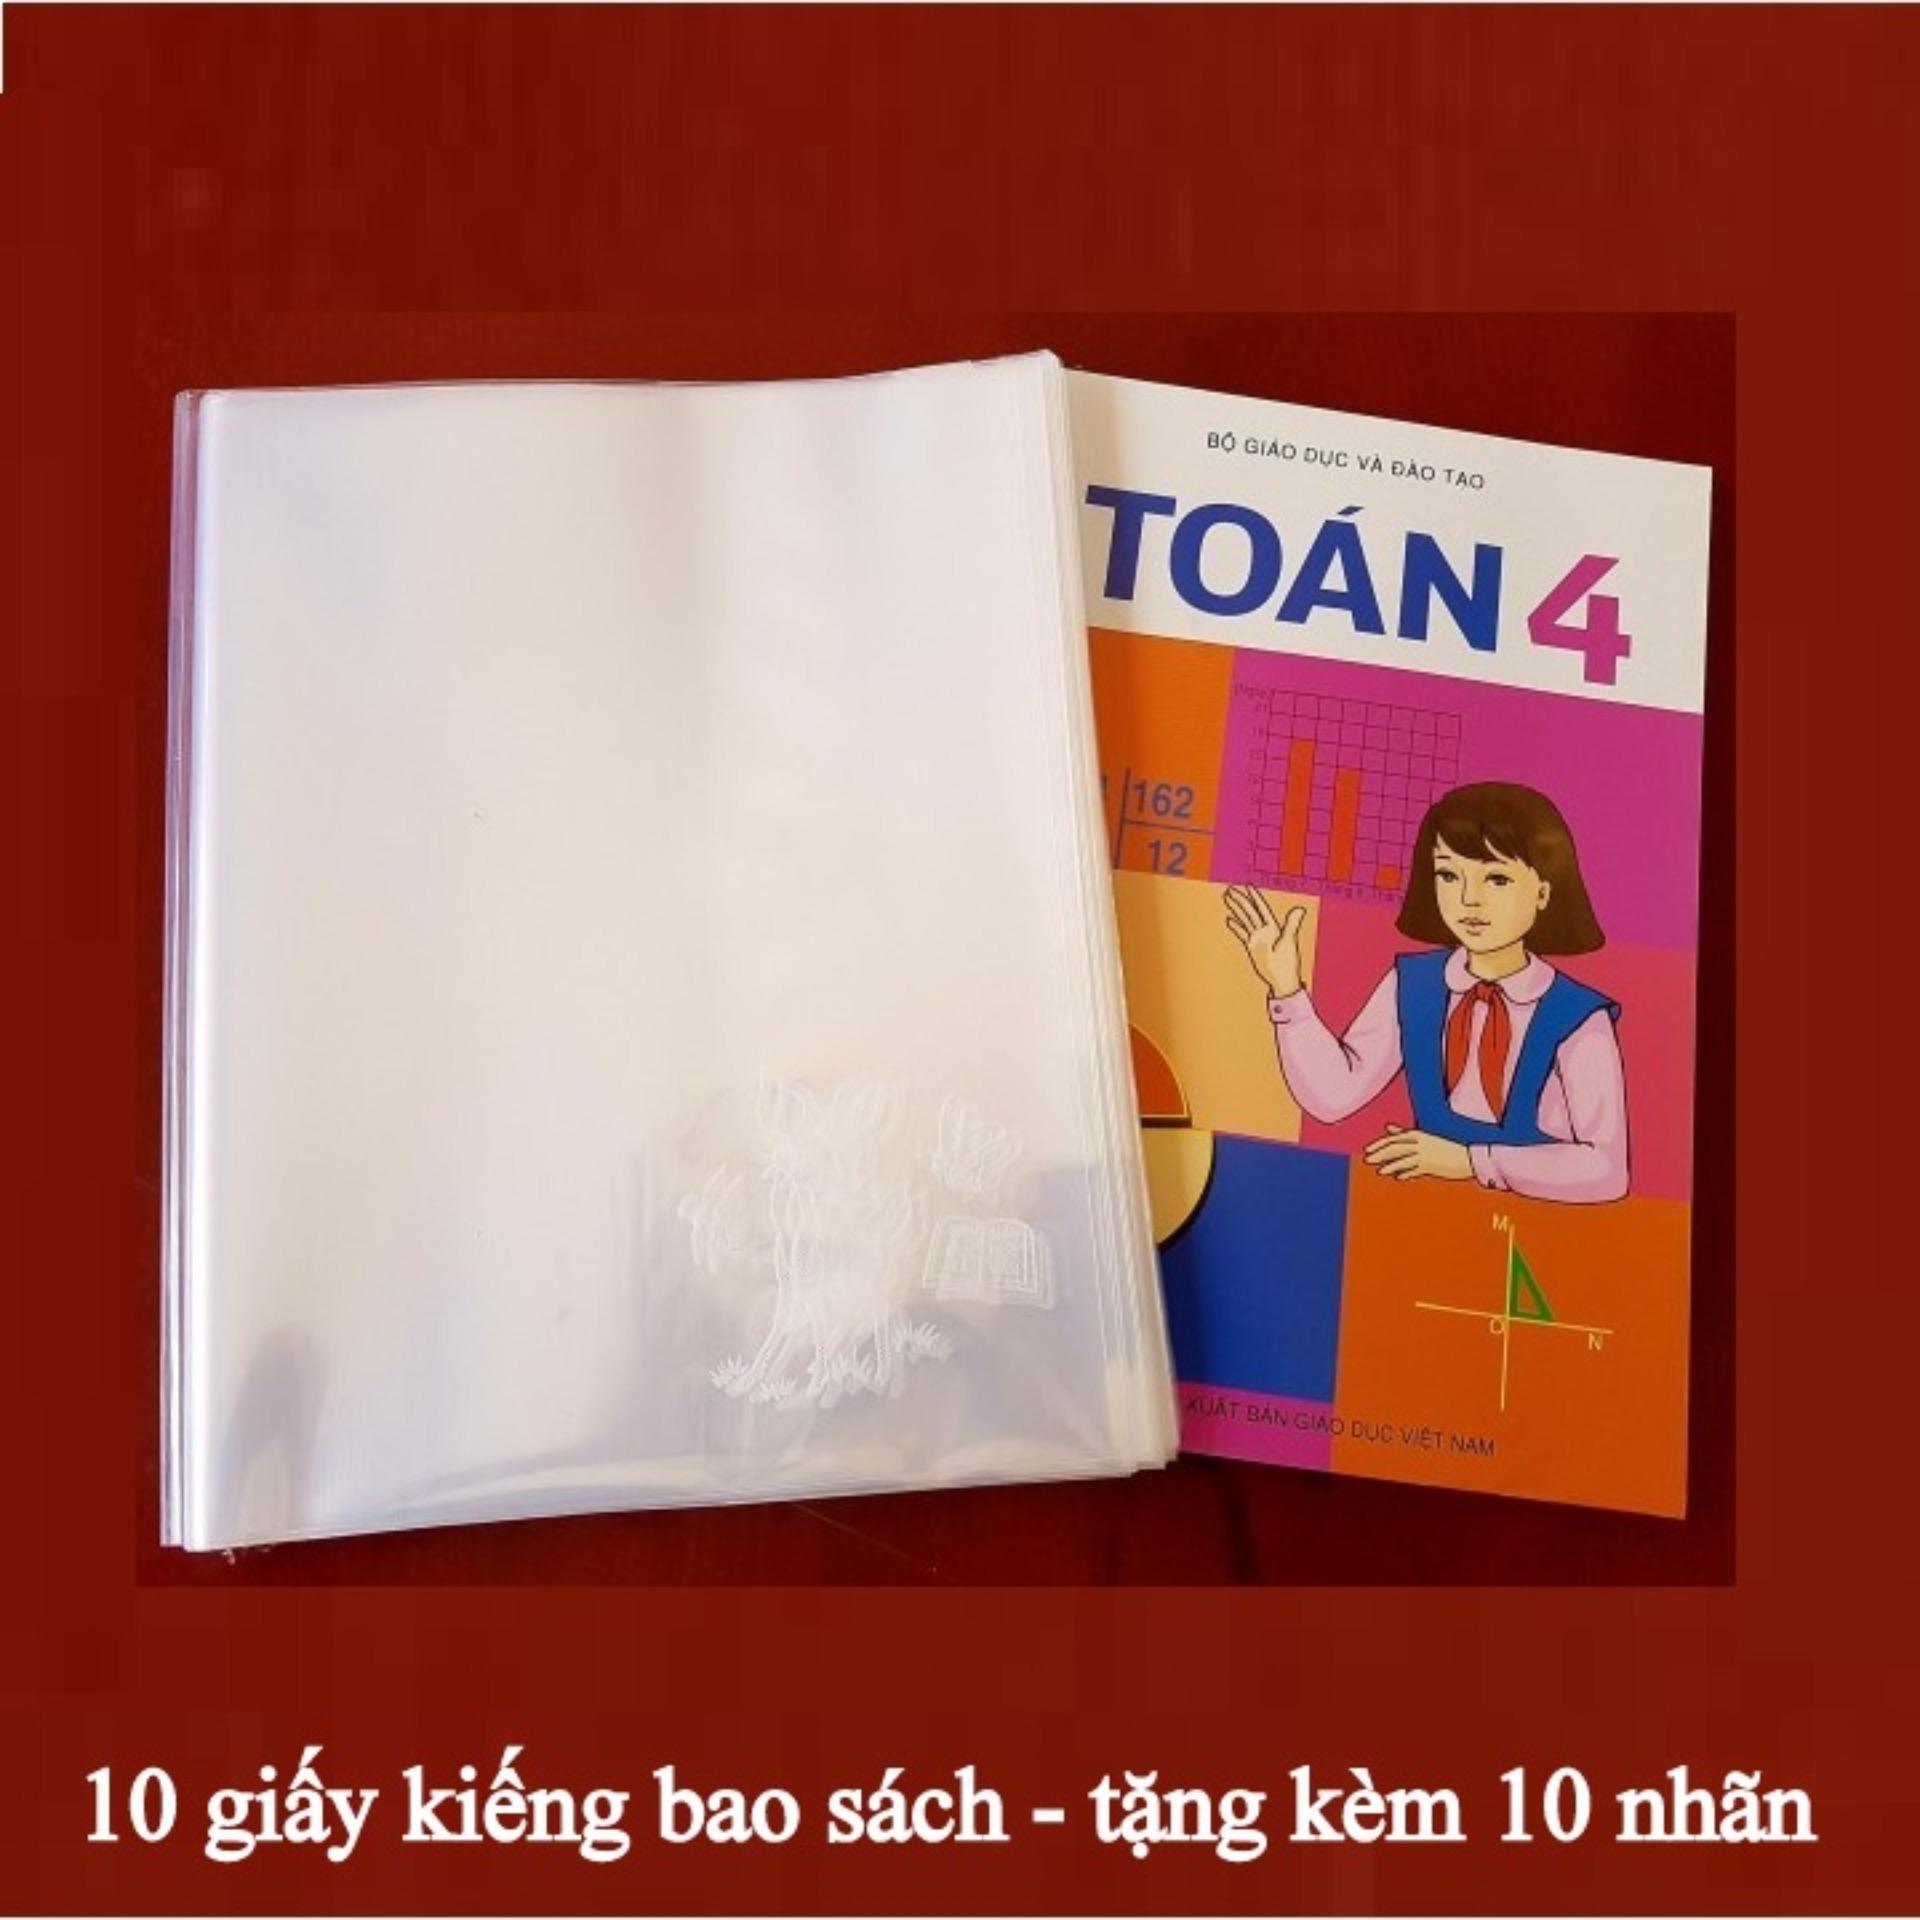 Mua 10 tờ kiếng bao sách loại dày - tặng kèm 10 nhãn nhỏ